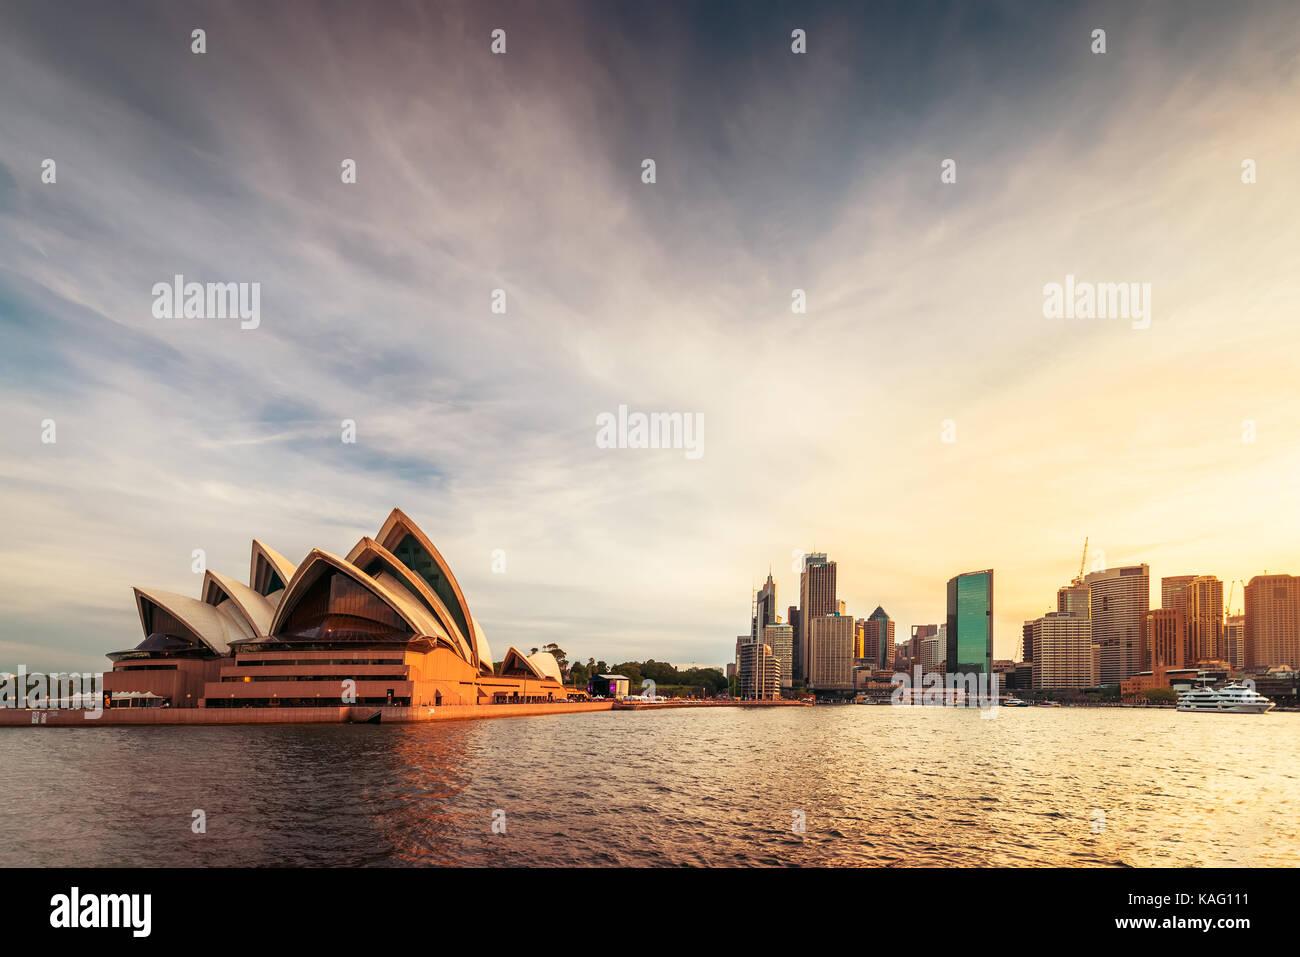 Sydney, Australien - 10. November 2015: Opernhaus mit Sydney Skyline der Stadt bei Sonnenuntergang. Blick von Fähre Stockbild